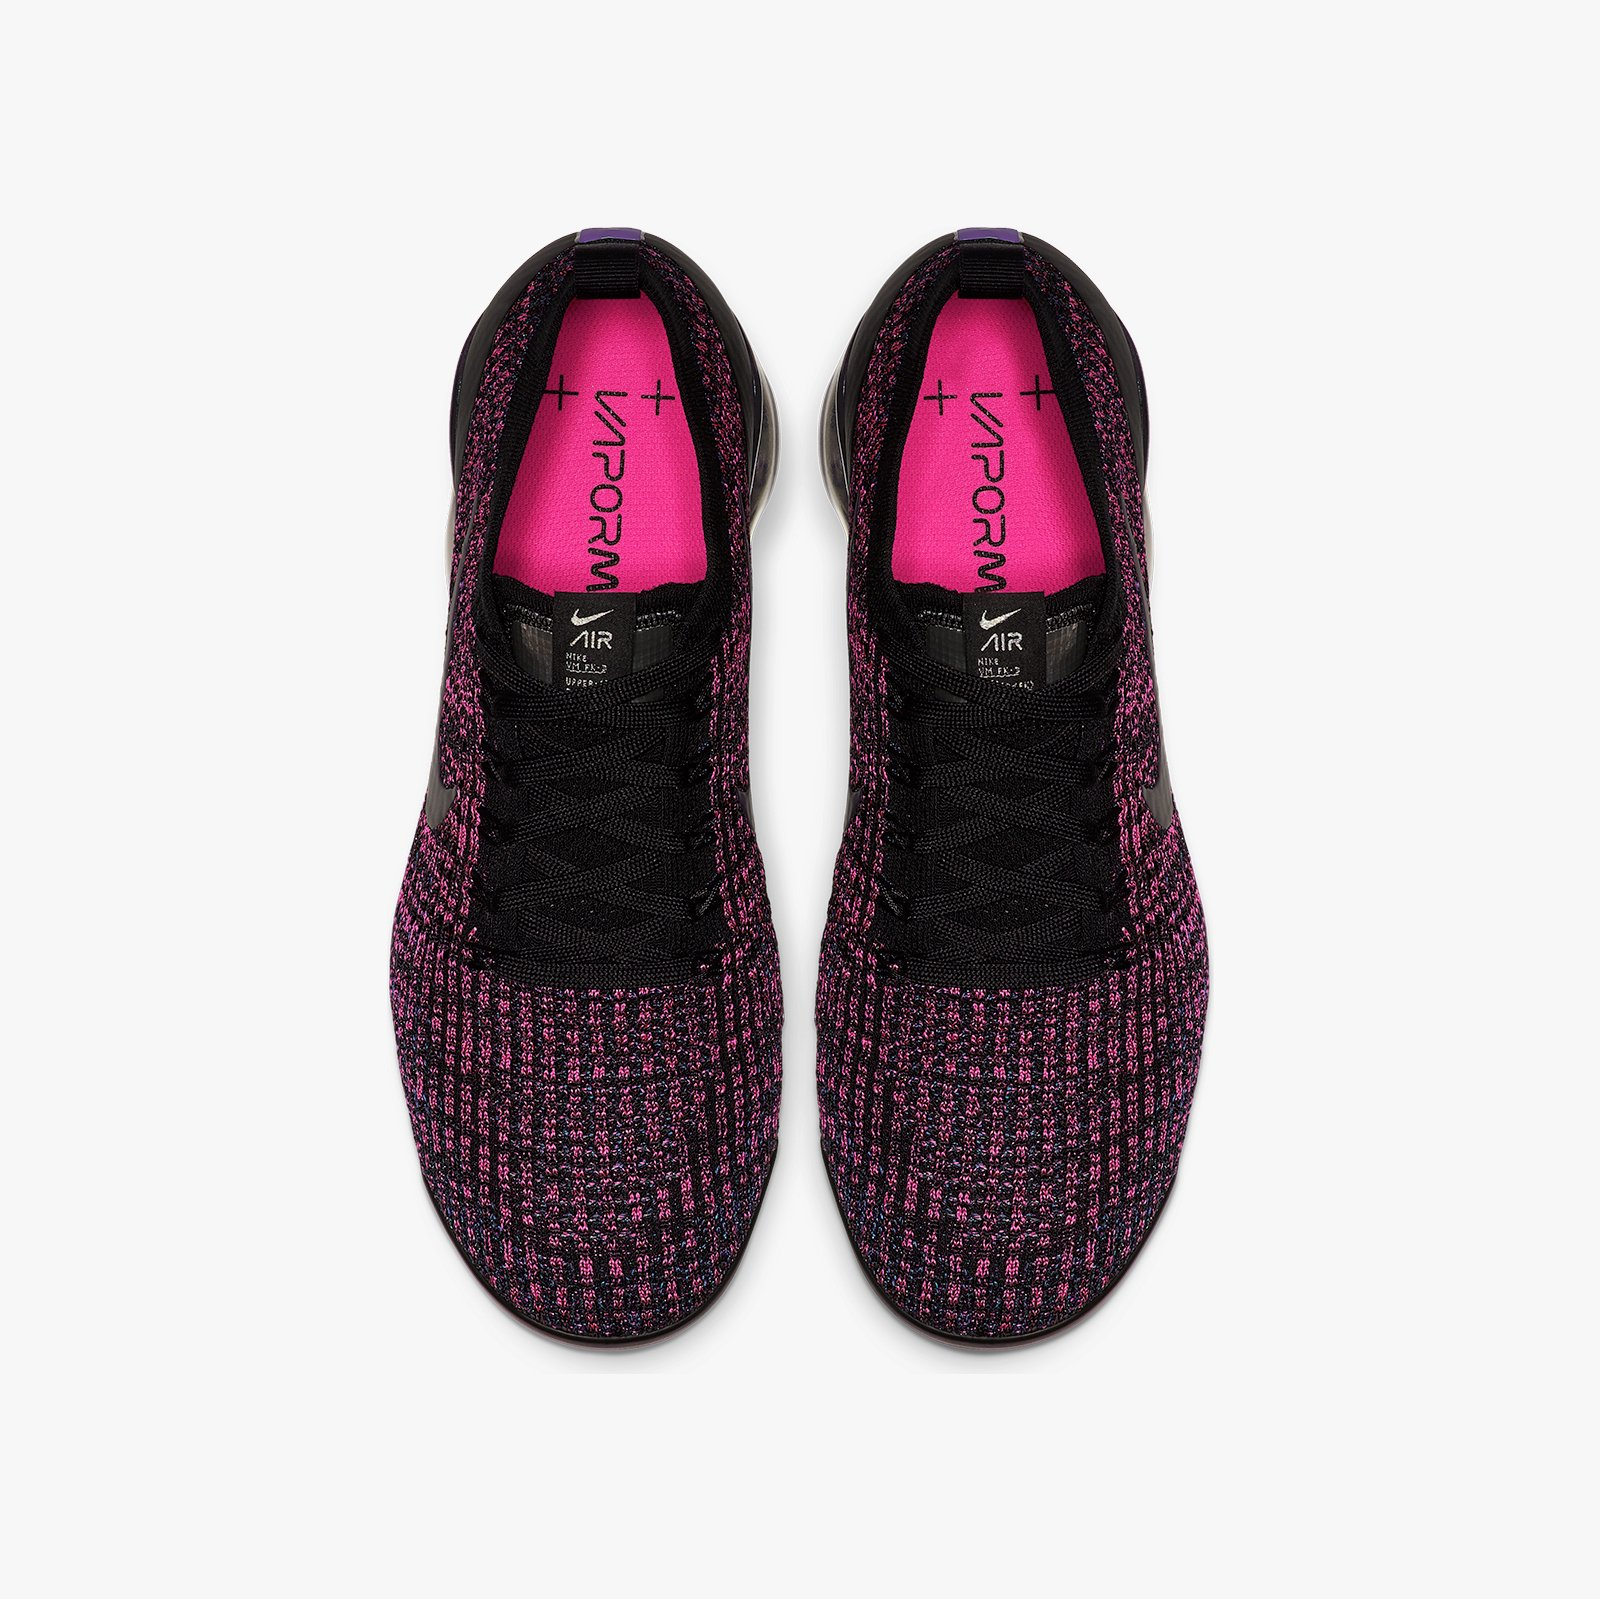 9ea3c4e79d2 Nike Air Vapormax Flyknit 3 - Aj6900-007 - Sneakersnstuff | sneakers ...